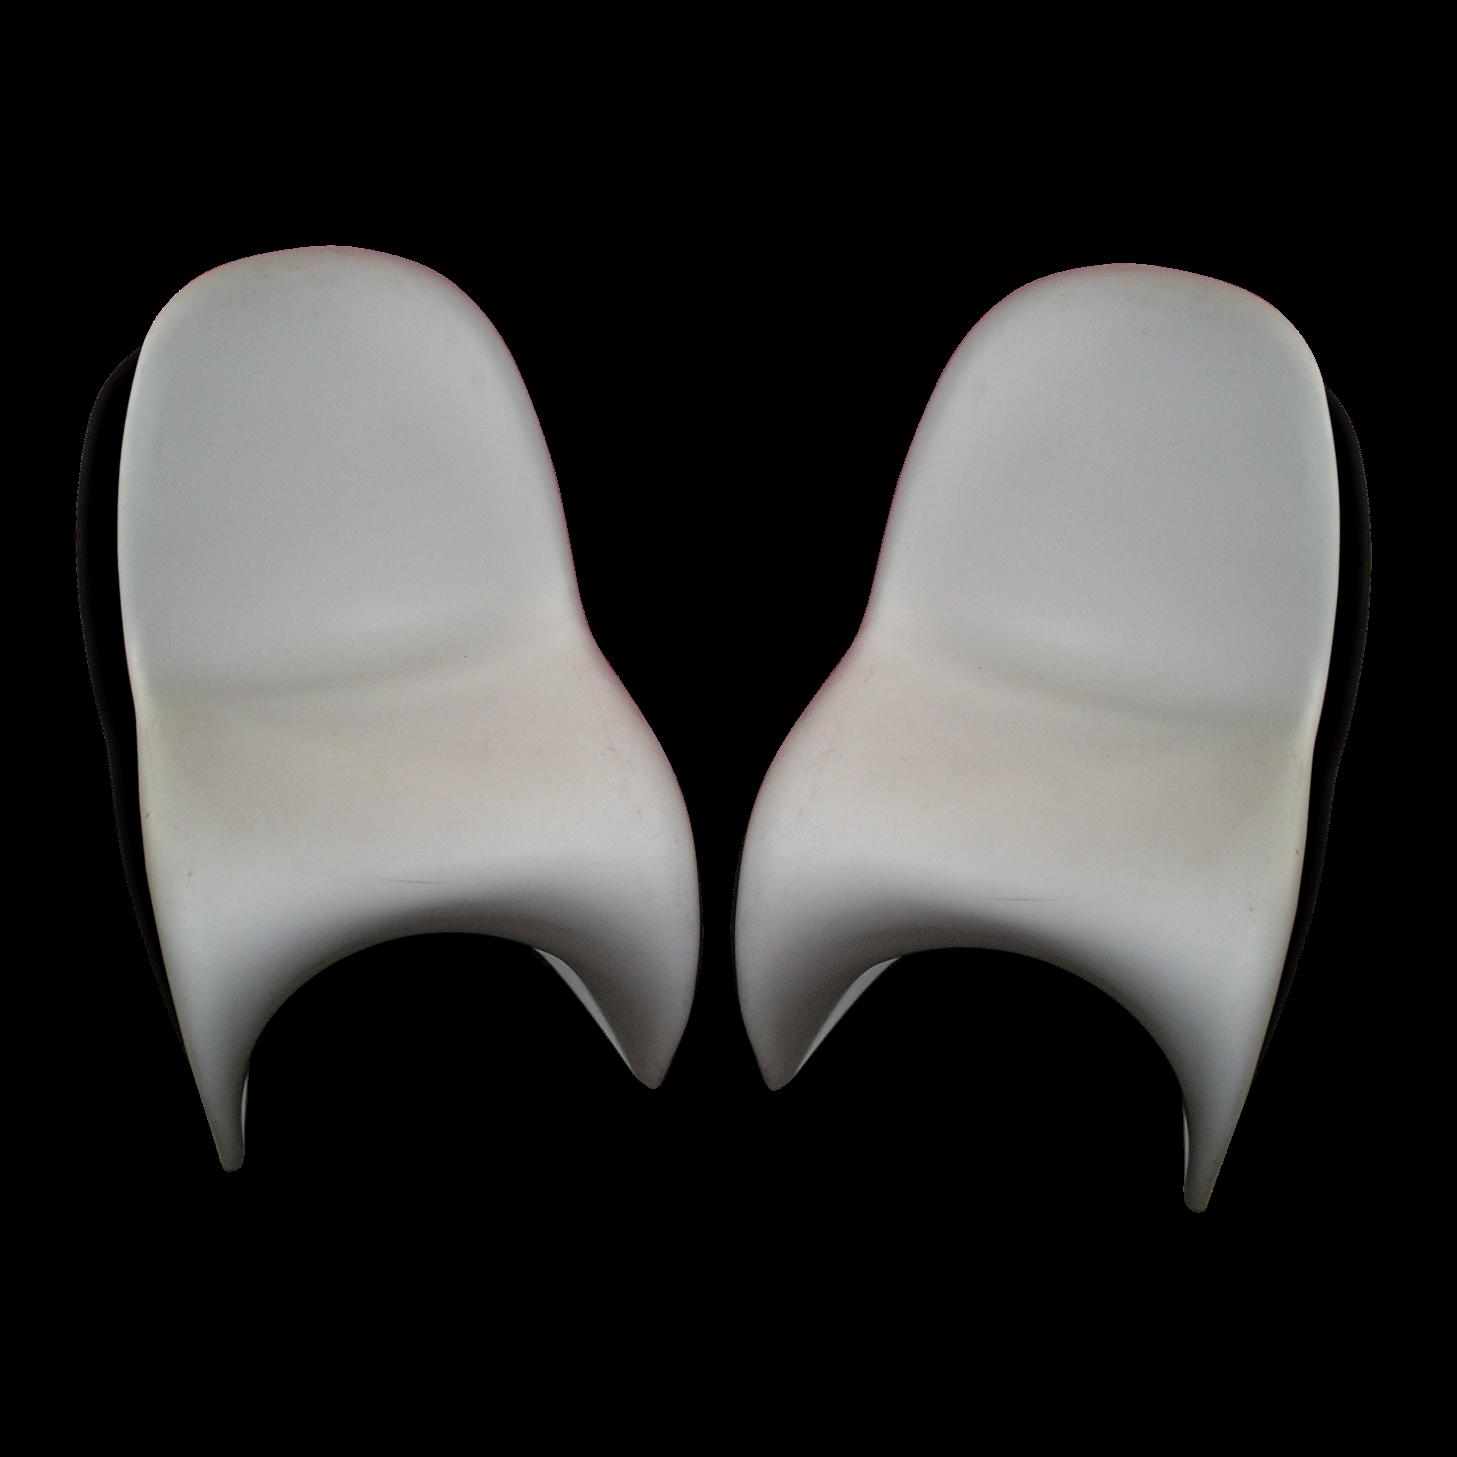 Verner panton chaise fabulous chaise elastique fresh for Chaise panton